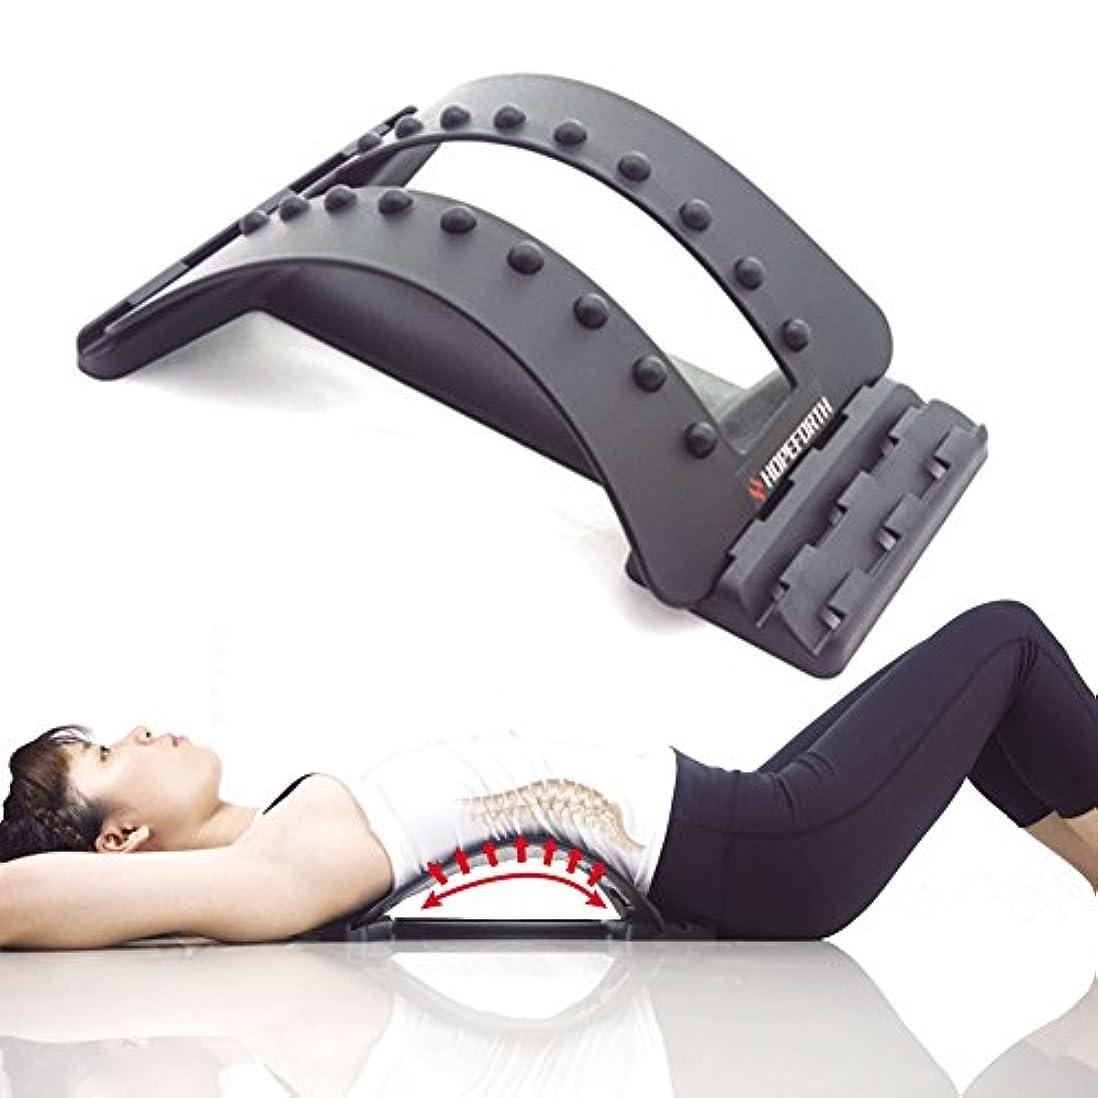 詳細な女の子変換するHOPEFORTH バックストレッチャー腰痛 肩こり 猫背 解消 ストレッチ 三段階調節可能 デスクワーク 健康用品